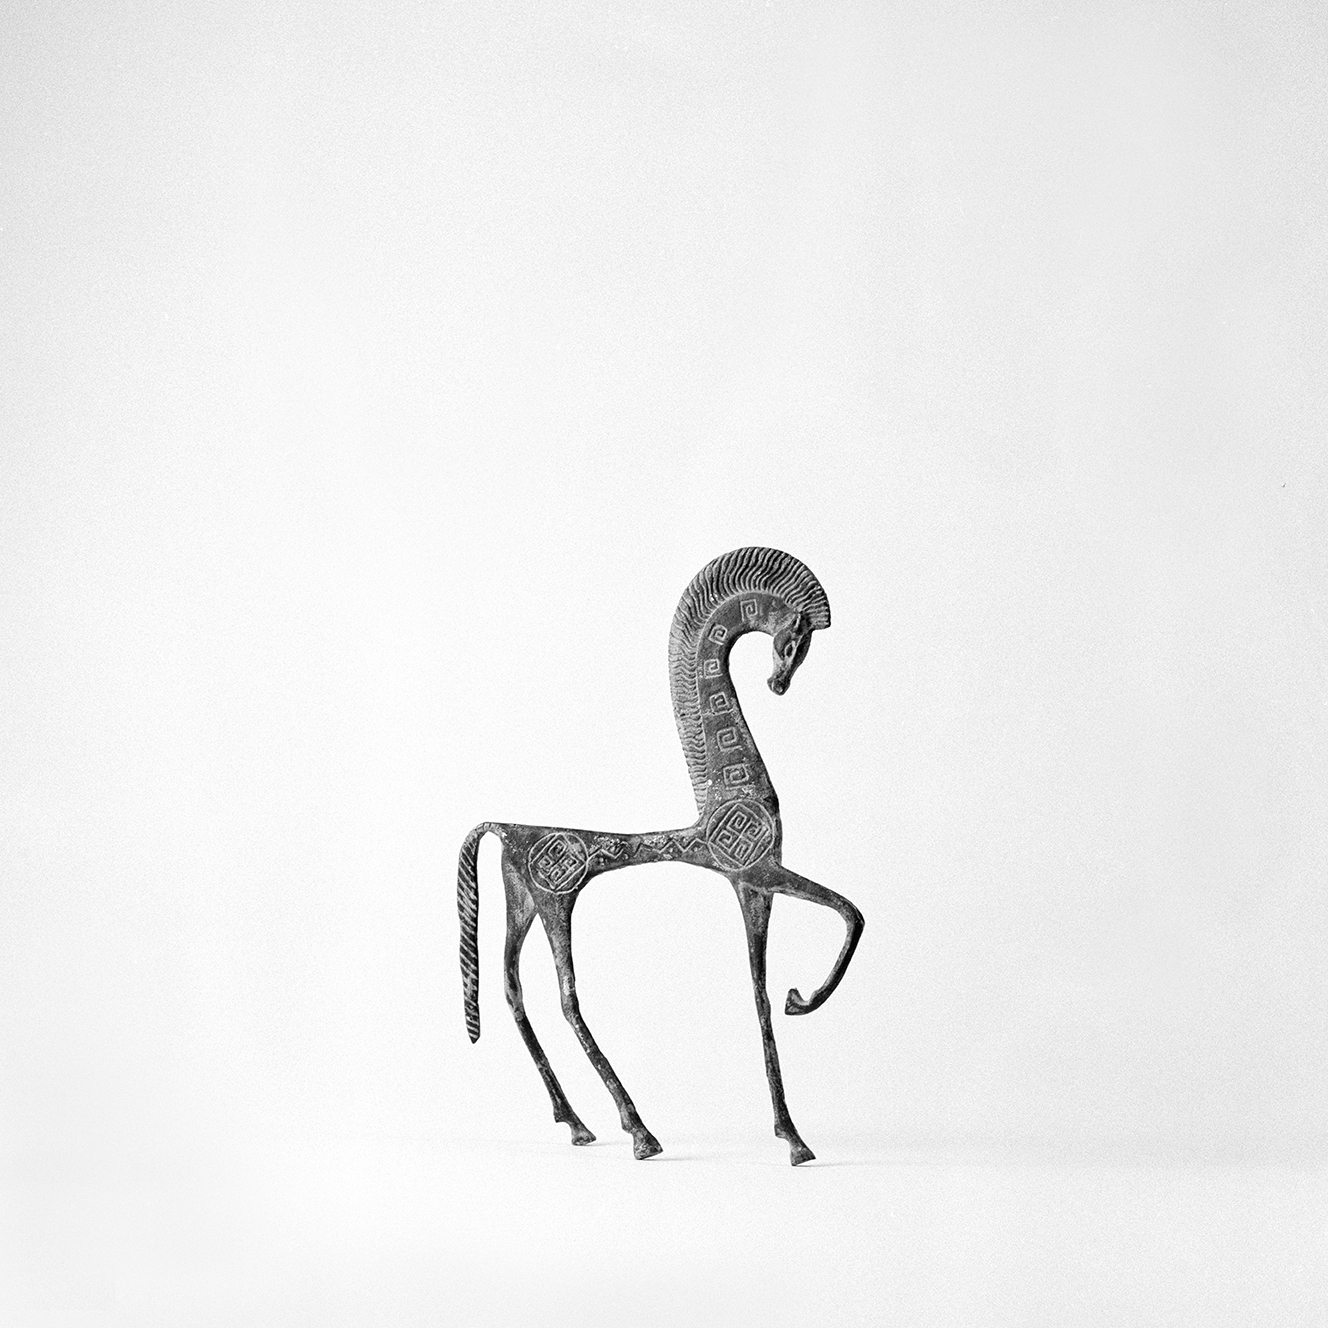 Sculpture_Horse_Final.jpg